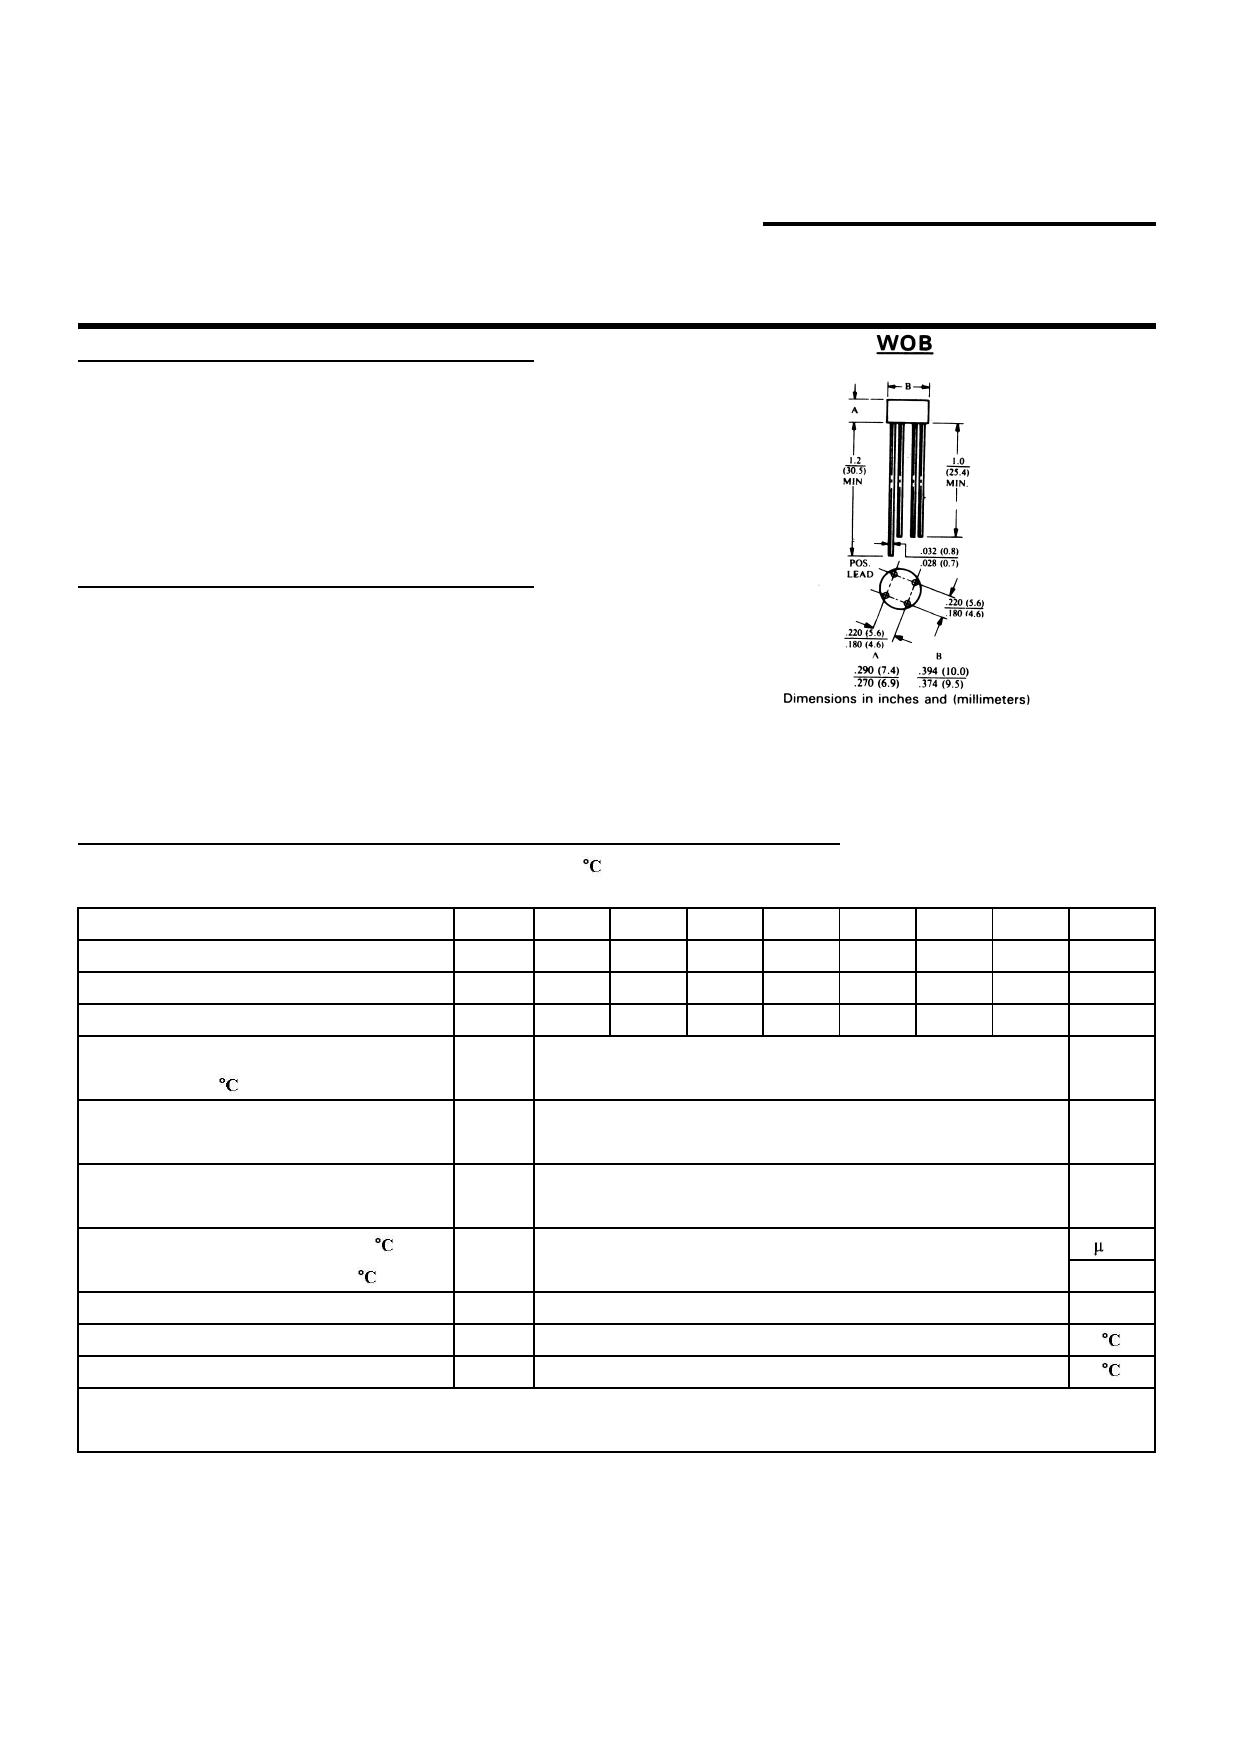 W02G datasheet